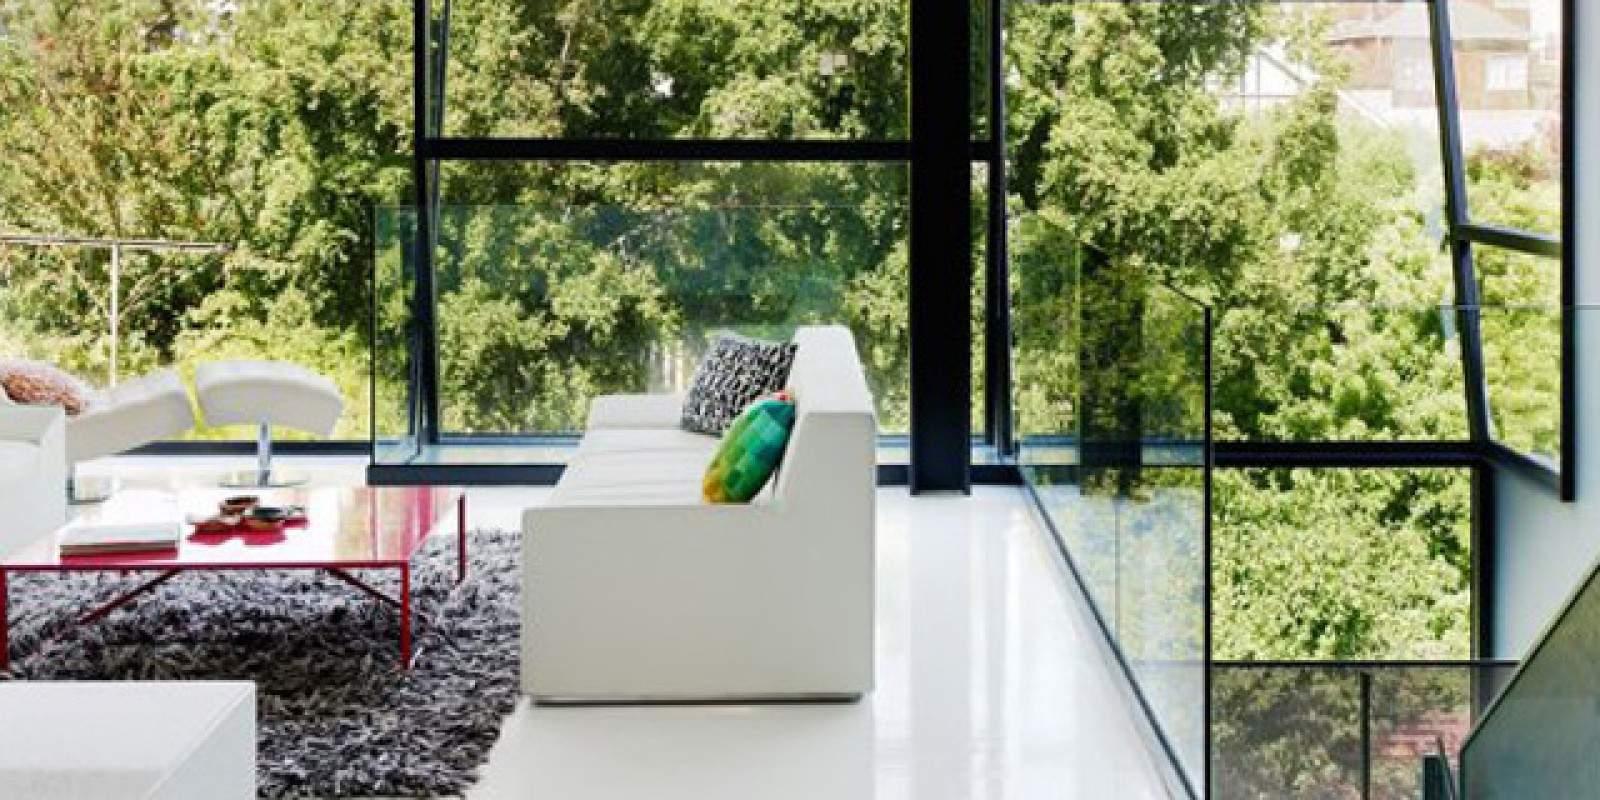 Maison contemporaine flip par fougeron architecture jo yana - Maison contemporaine fougeron architecture ...